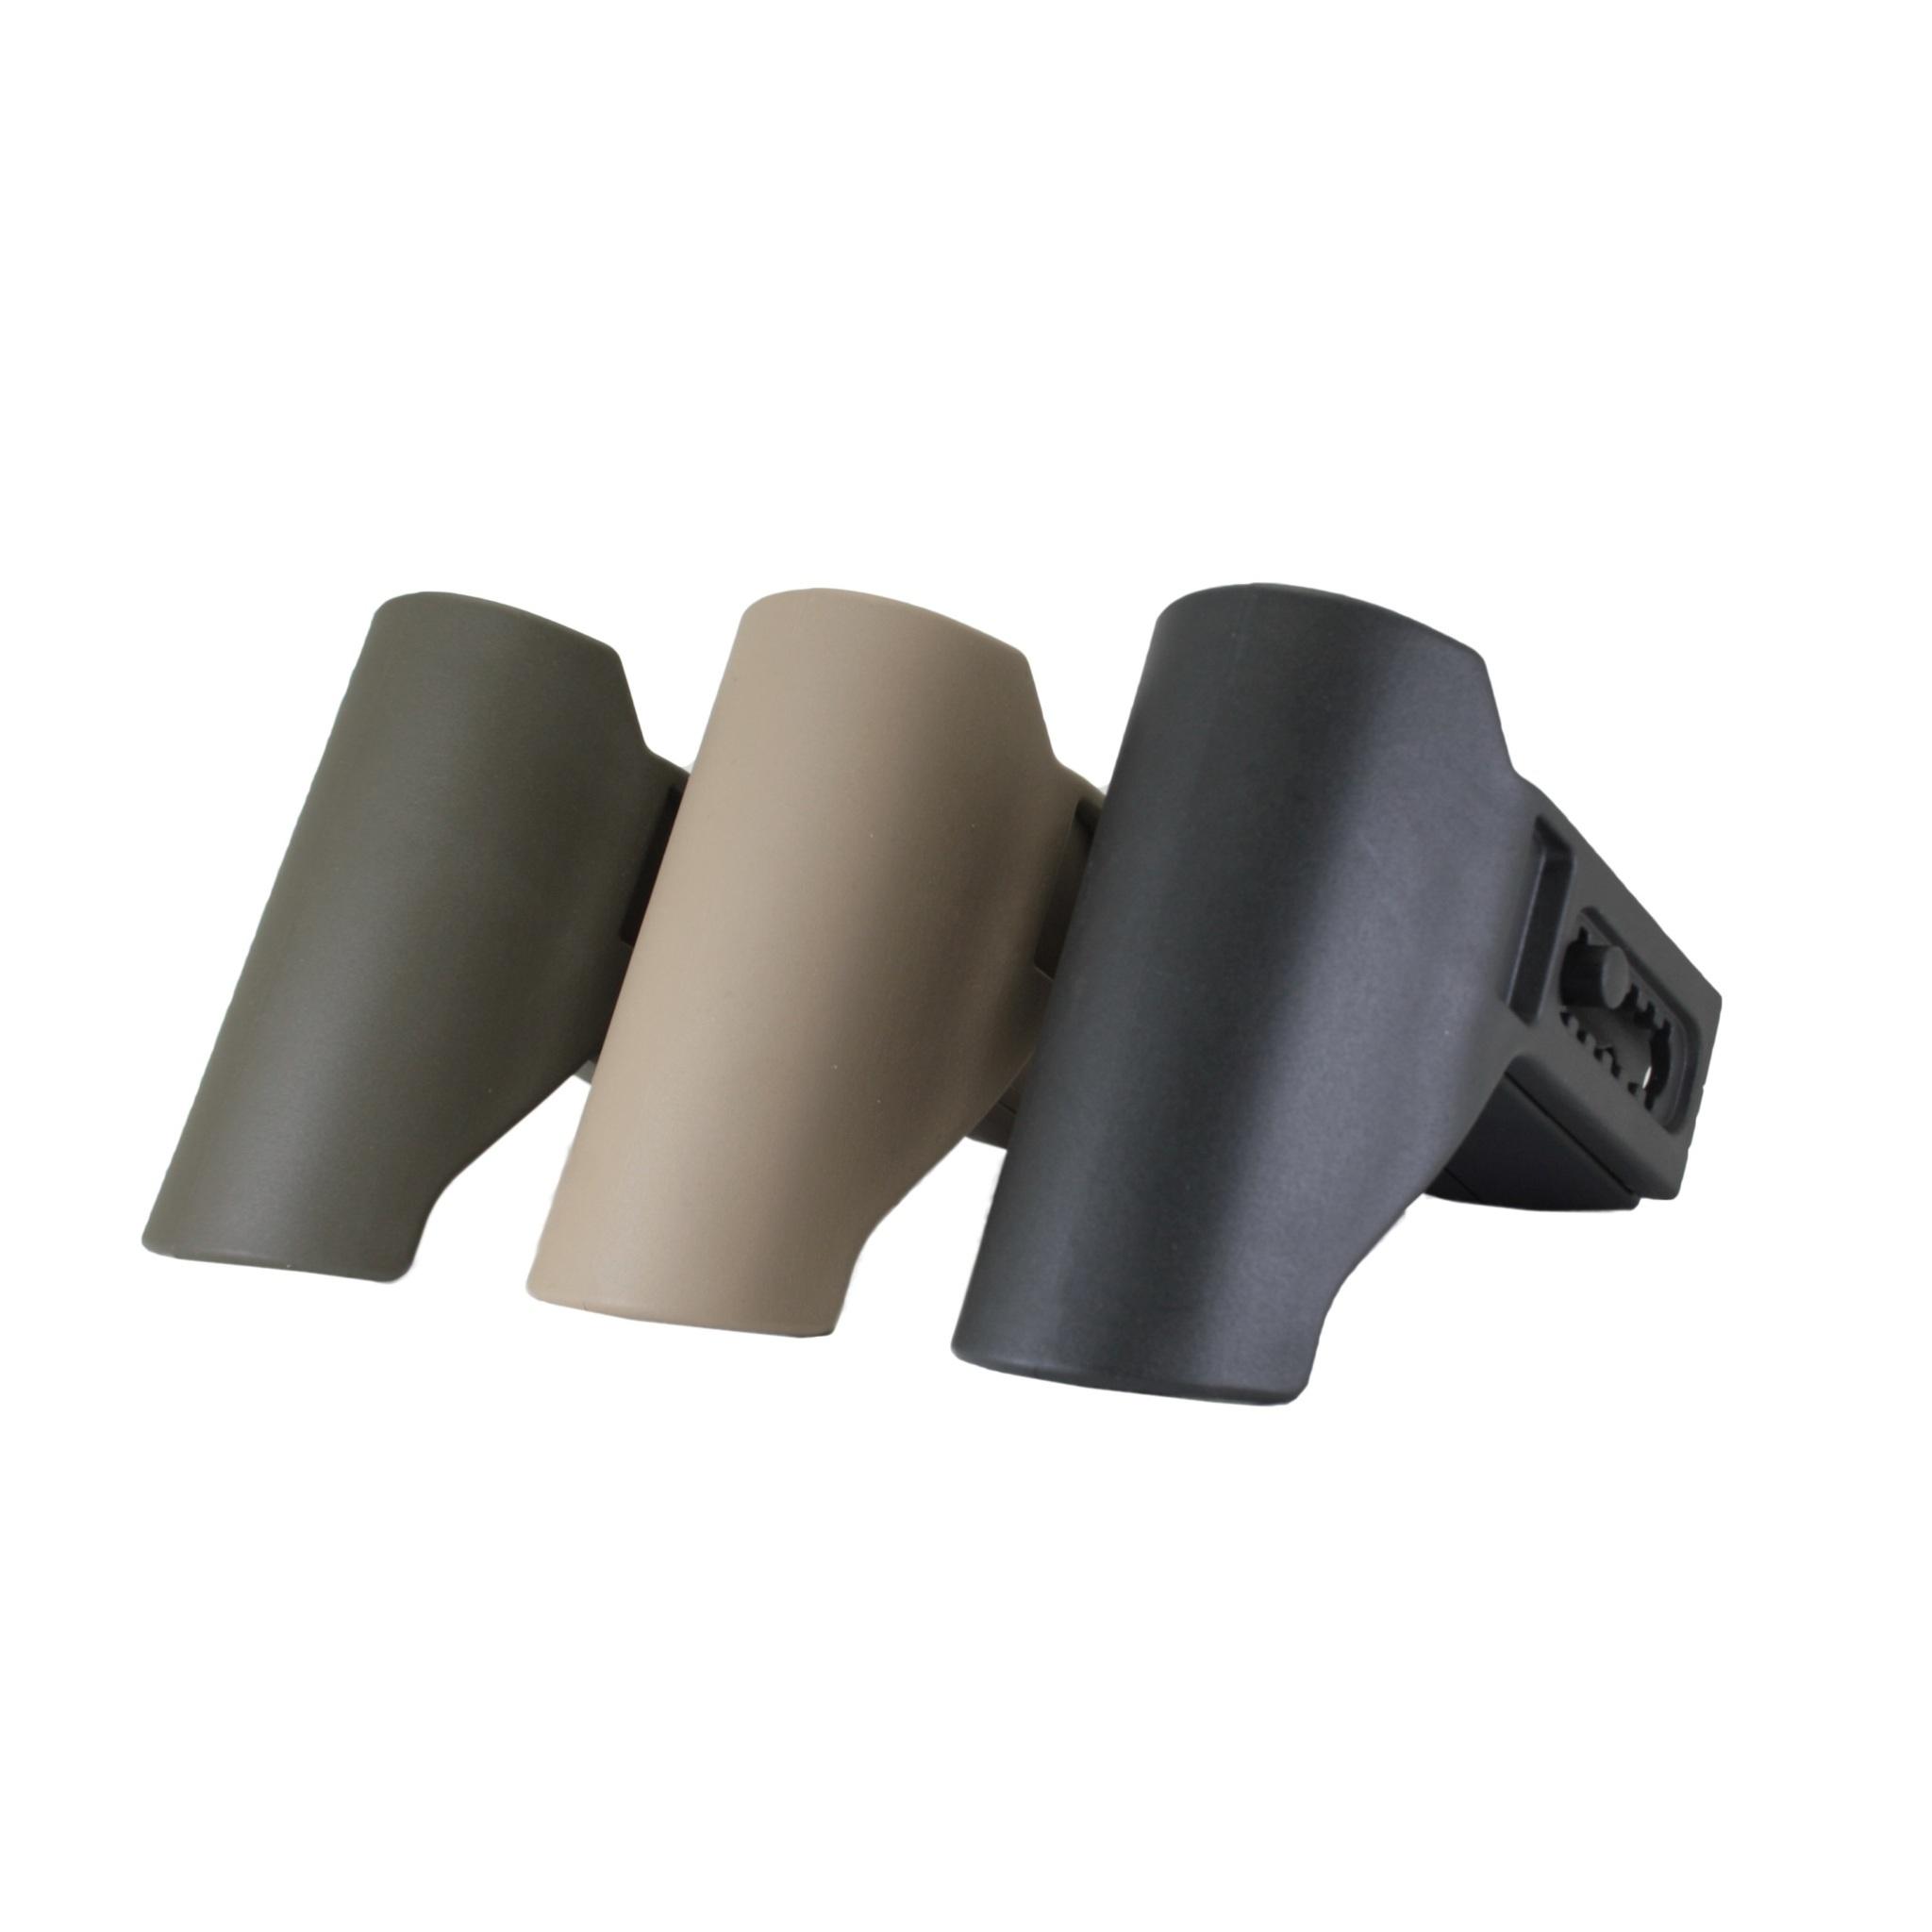 Короткий подщечник для AR для приклада TBS Compact, DLG Tactical - палитра цветов